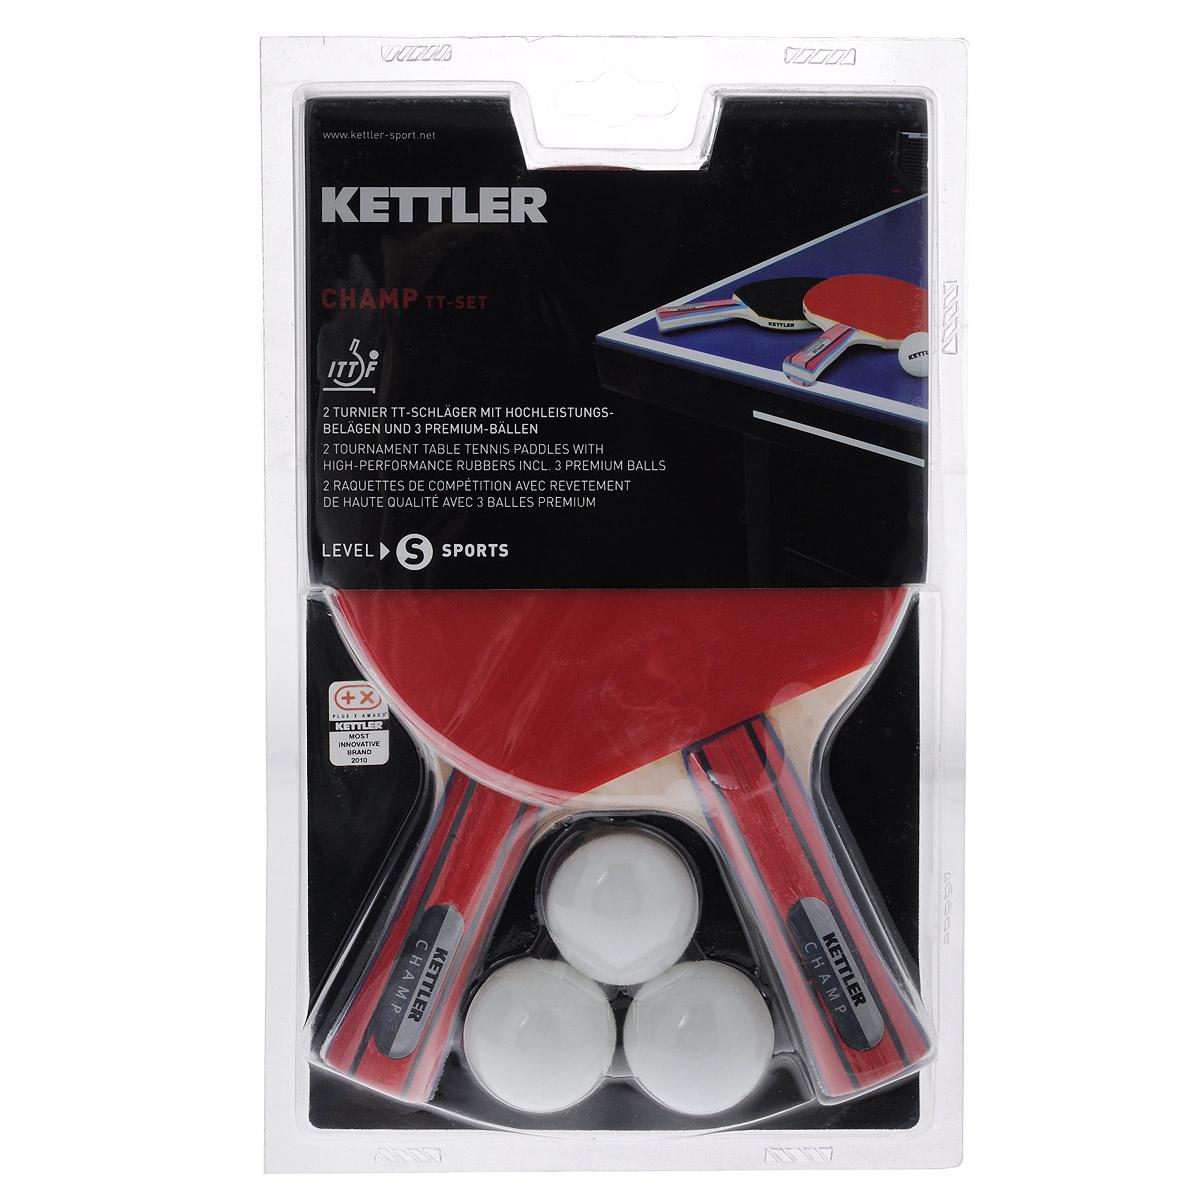 Набор для настольного тенниса Kettler Champ, 5 предметовWRA523700Набор для настольного тенниса Kettler Champ включает в себя 2 профессиональные ракетки и 3 белых мячика, предназначен для опытных игроков. Ракетки выполнены из пятислойной фанеры и оснащены накладками из резины толщиной 1,5 мм. Анатомическая рукоятка эргономичной формы специально разработана для надежного хвата и комфортной игры. Хороший контроль, отличные игровые характеристики, высокая скорость игры. В набор также входят 3 мяча (3 звезды/40 мм). Настольный теннис - спортивная игра, основанная на перекидывании мяча ракетками через игровой стол с сеткой, цель которой- не дать противнику отбить мяч.Игра в настольный теннис развивает концентрацию, внимание, ловкость и координацию. Длина ракетки: 25 см. Диаметр шара: 4 см. Класс: S. Скорость: 80%. Вращение: 70%. Контроль: 60%.